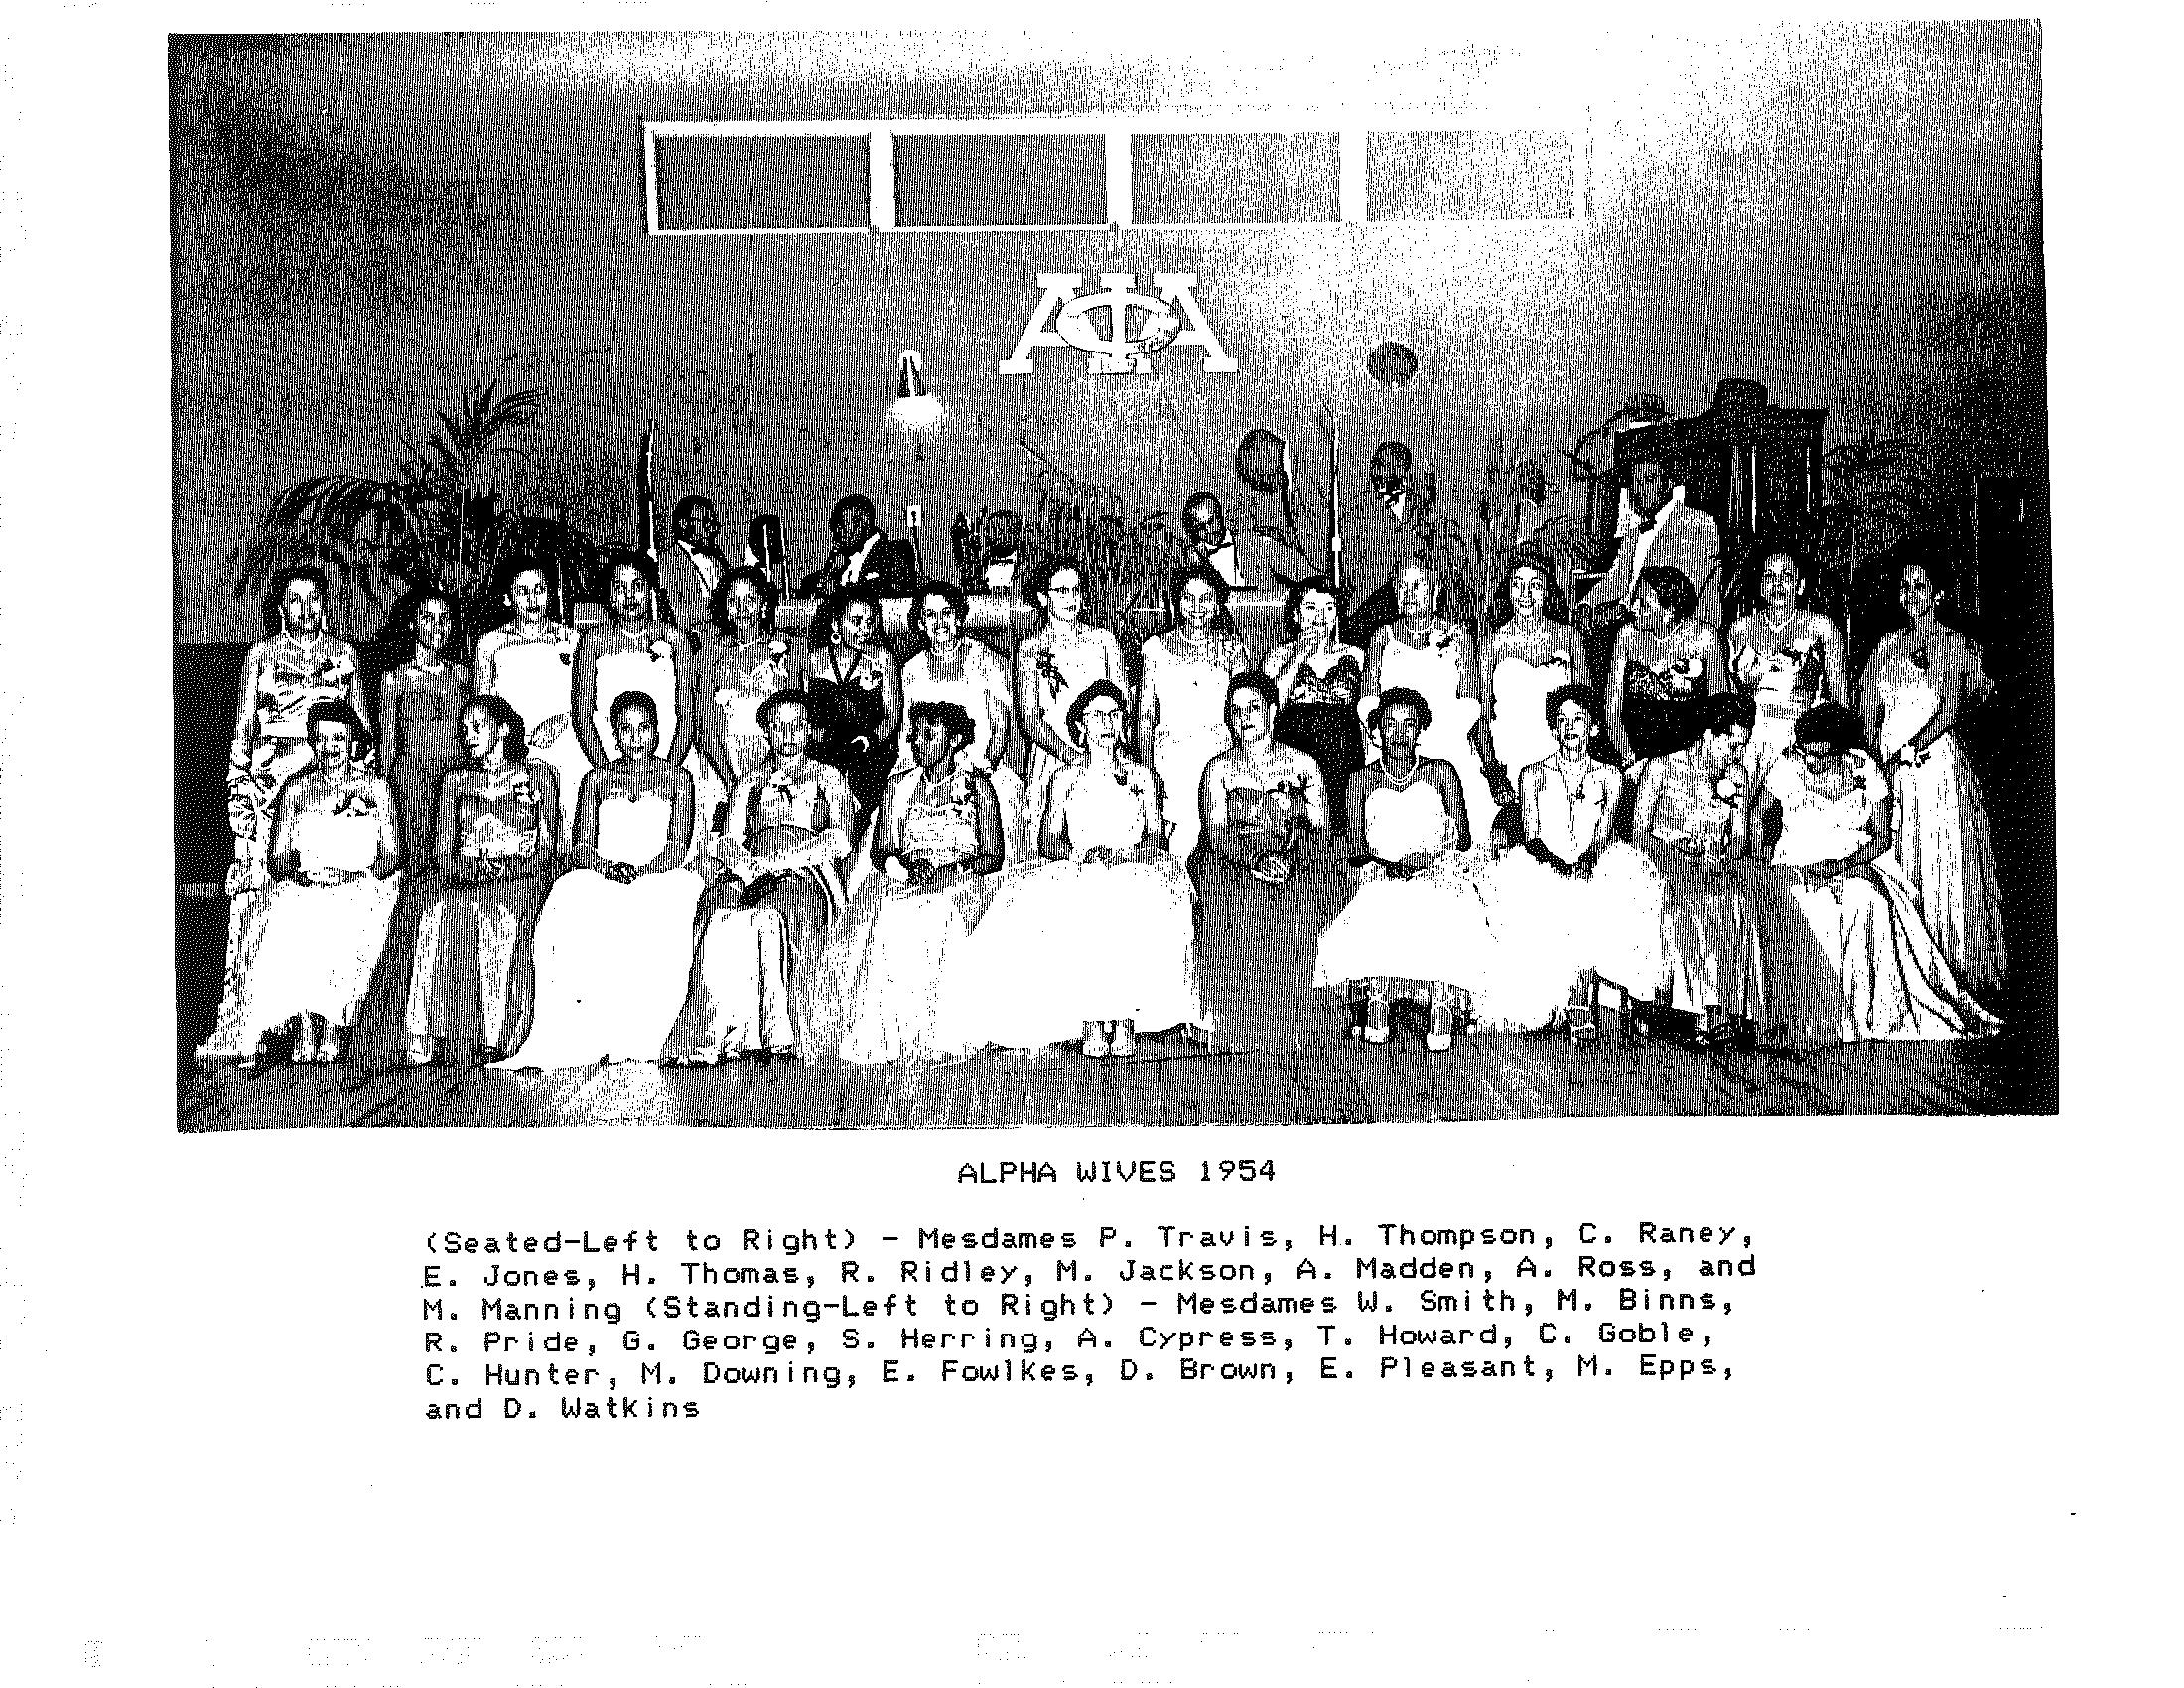 Zeta Lambda 1954 - Alpha Wives.png